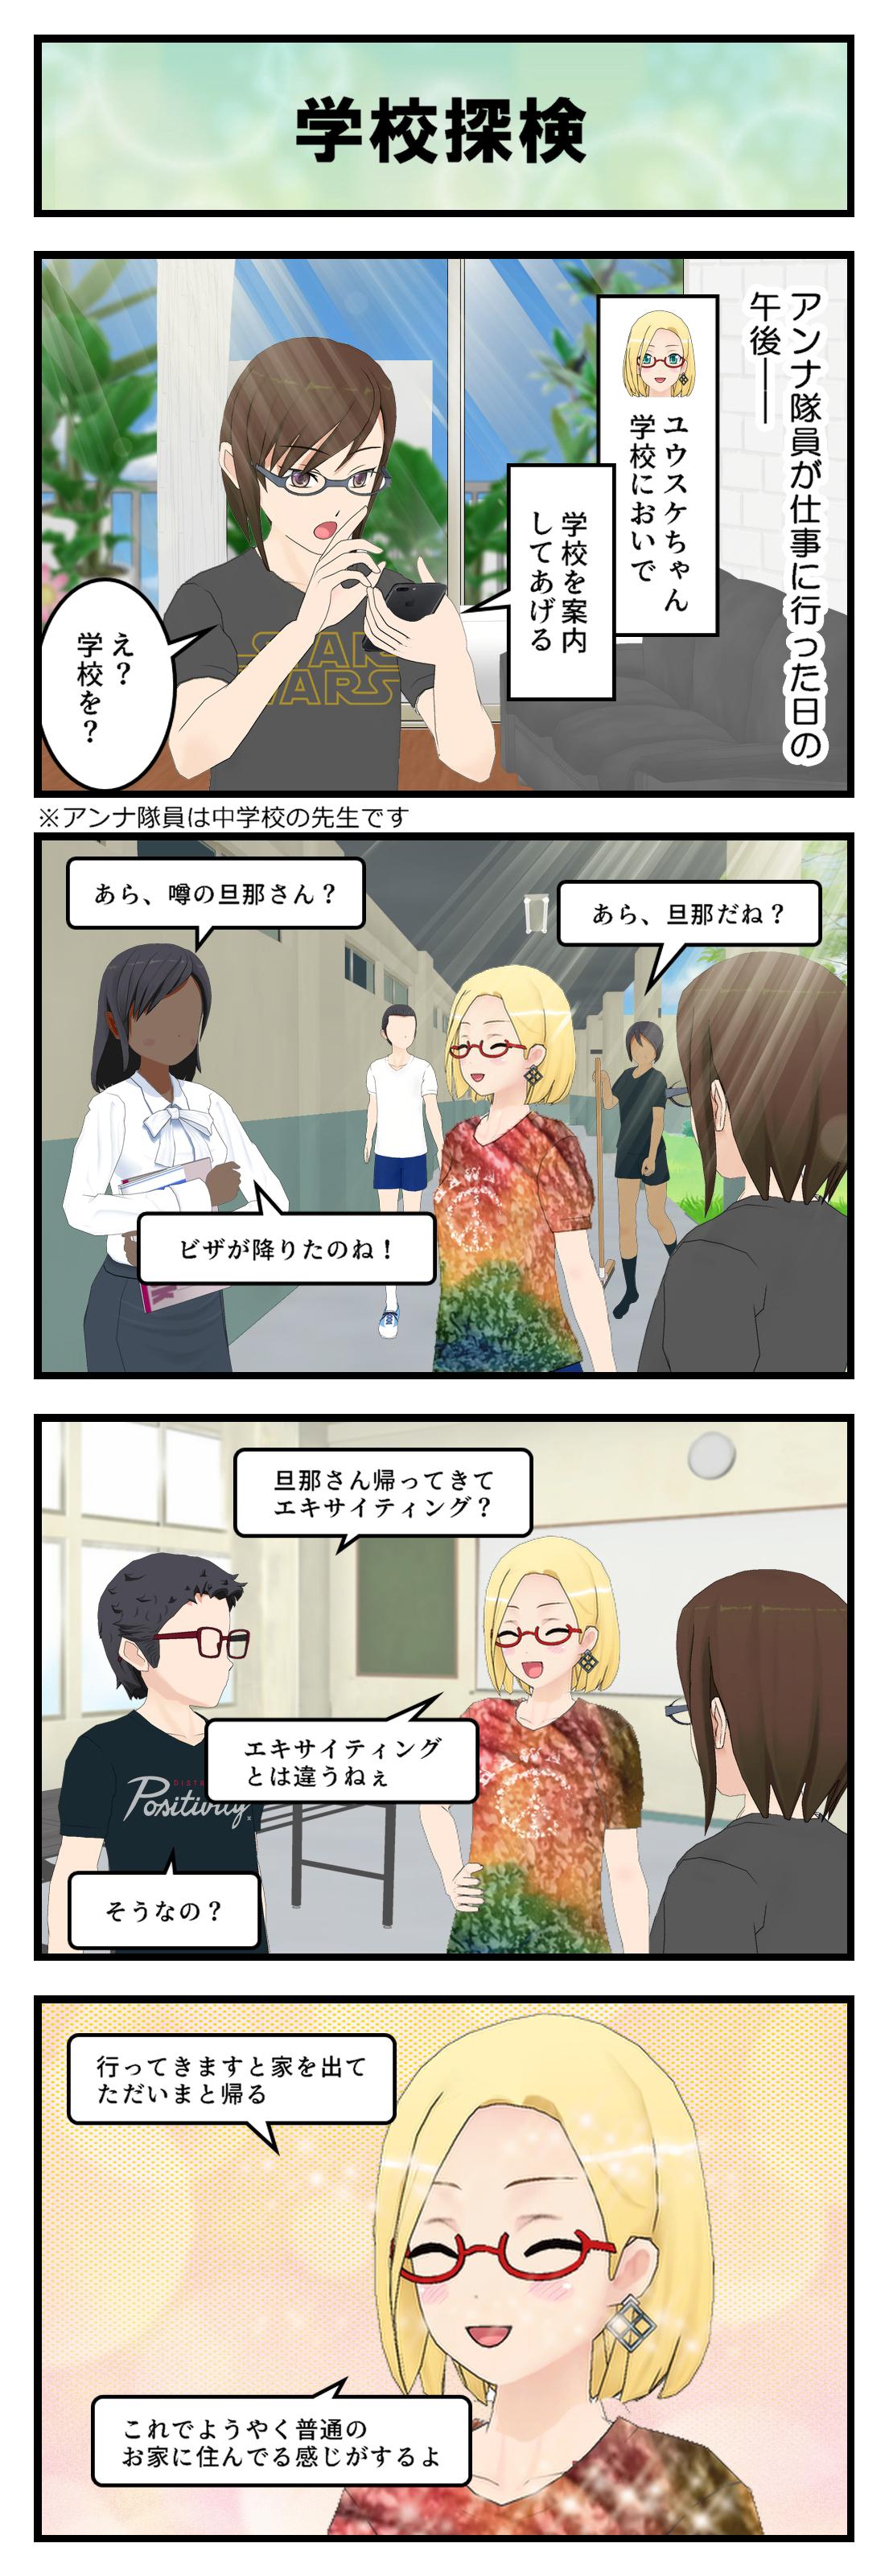 R014_学校1_001